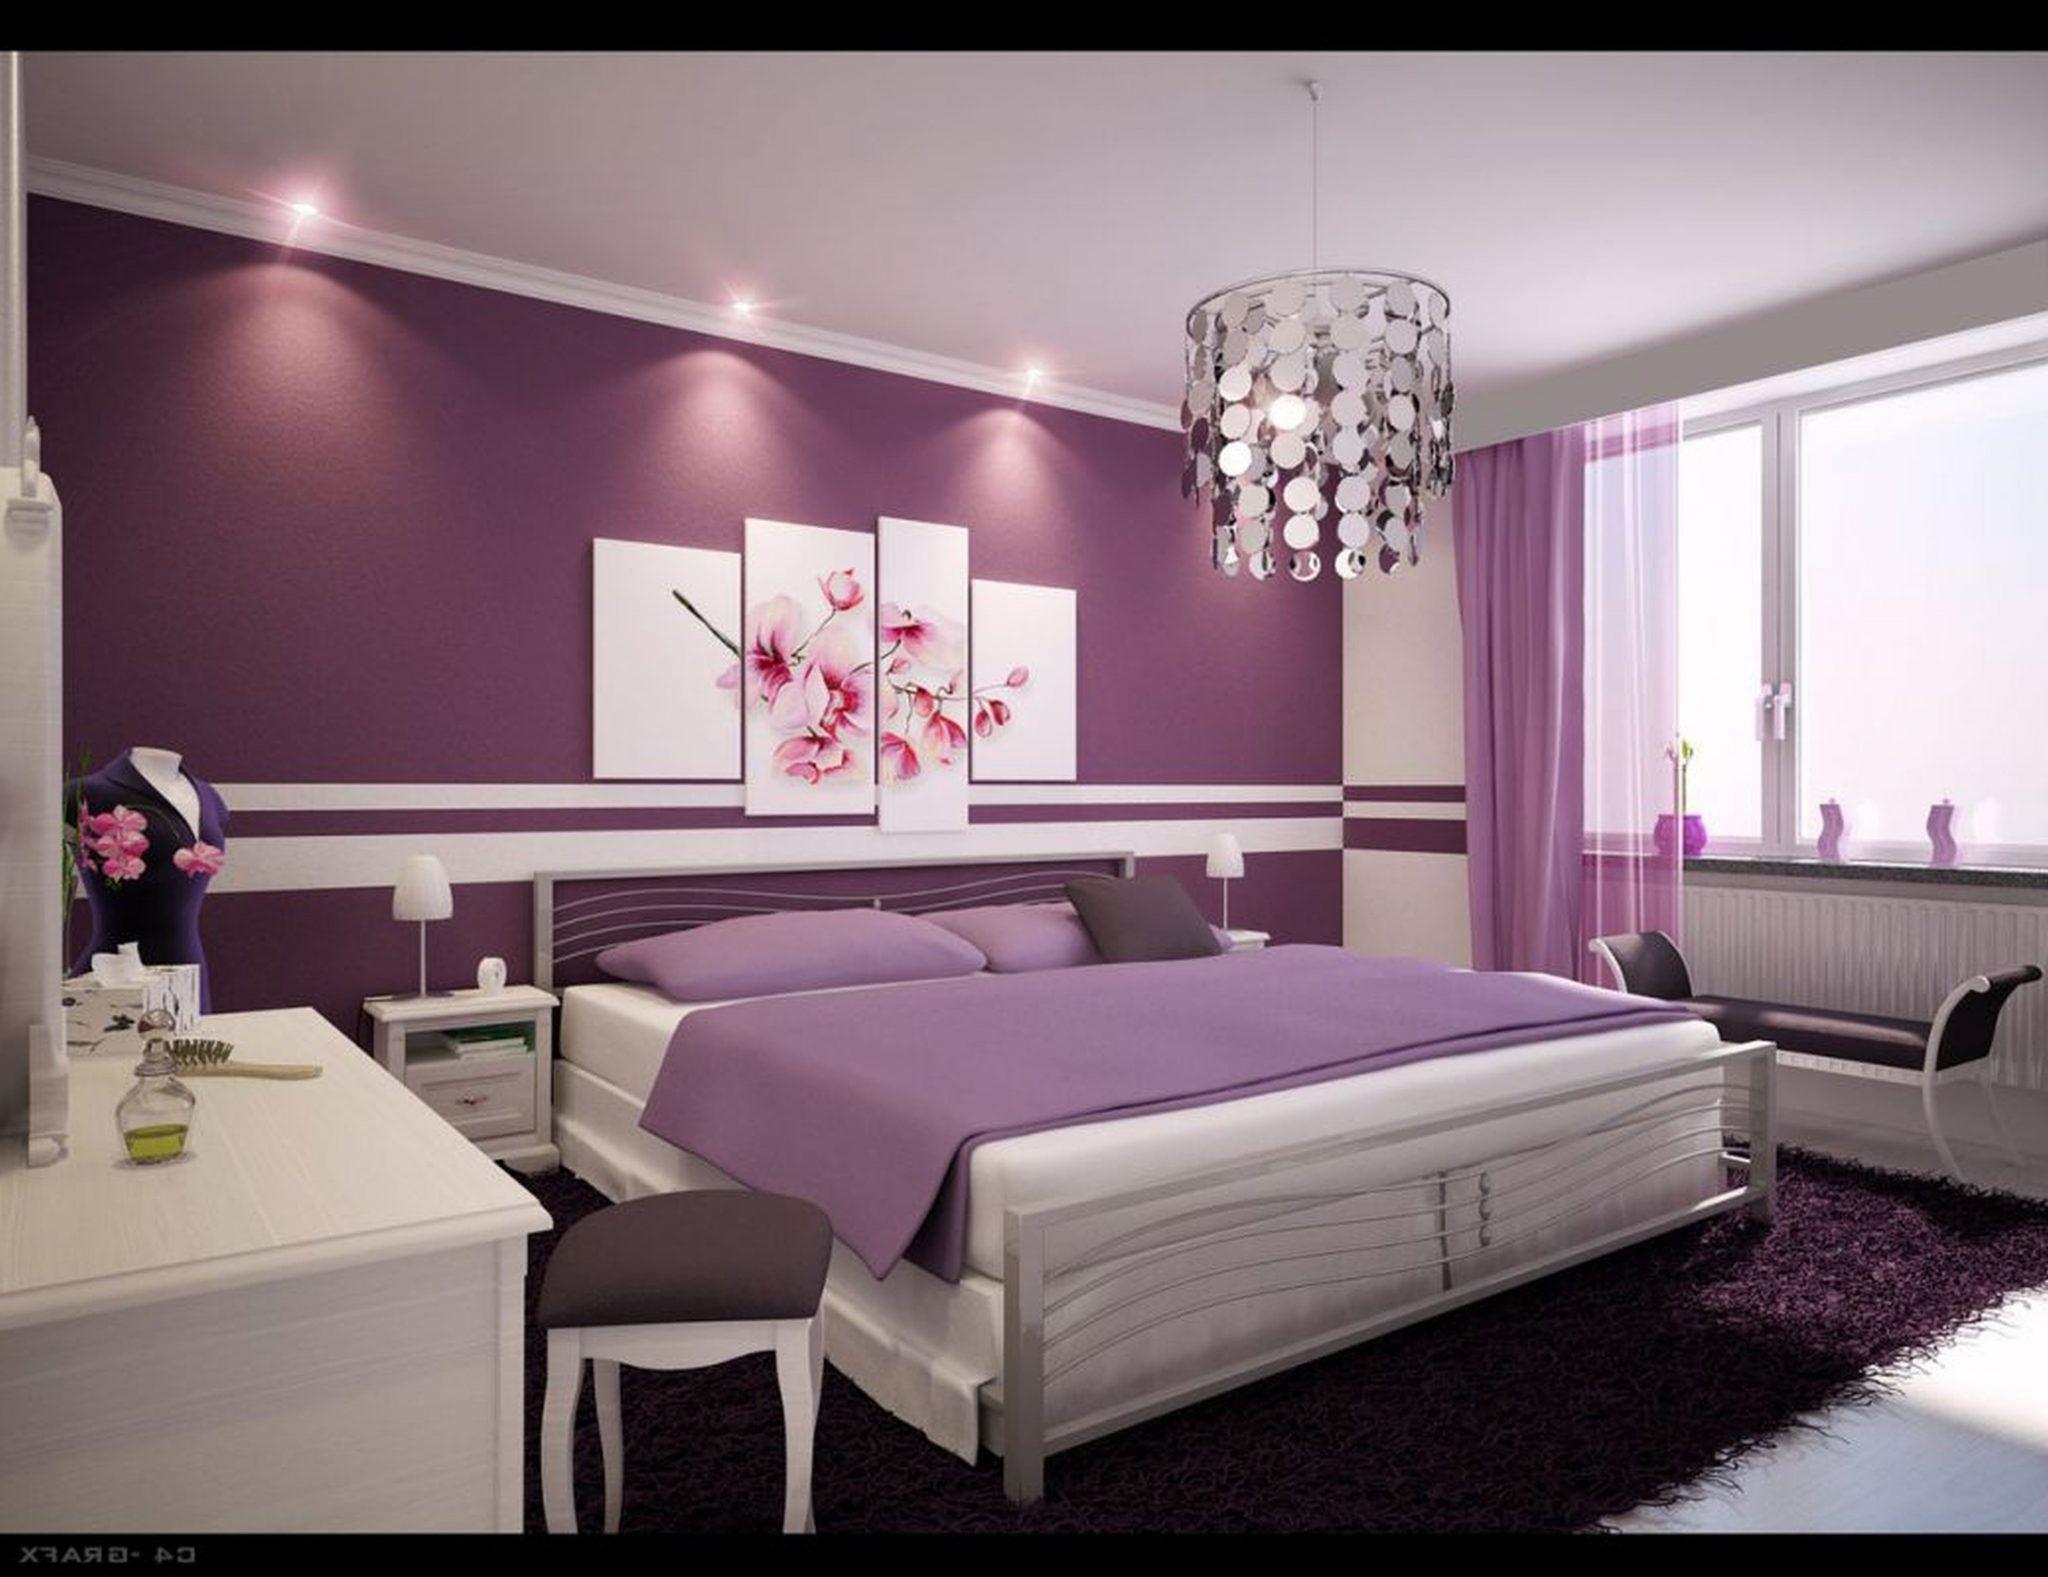 Lila Schlafzimmer Ideen Macht Romantische Nuance Lila